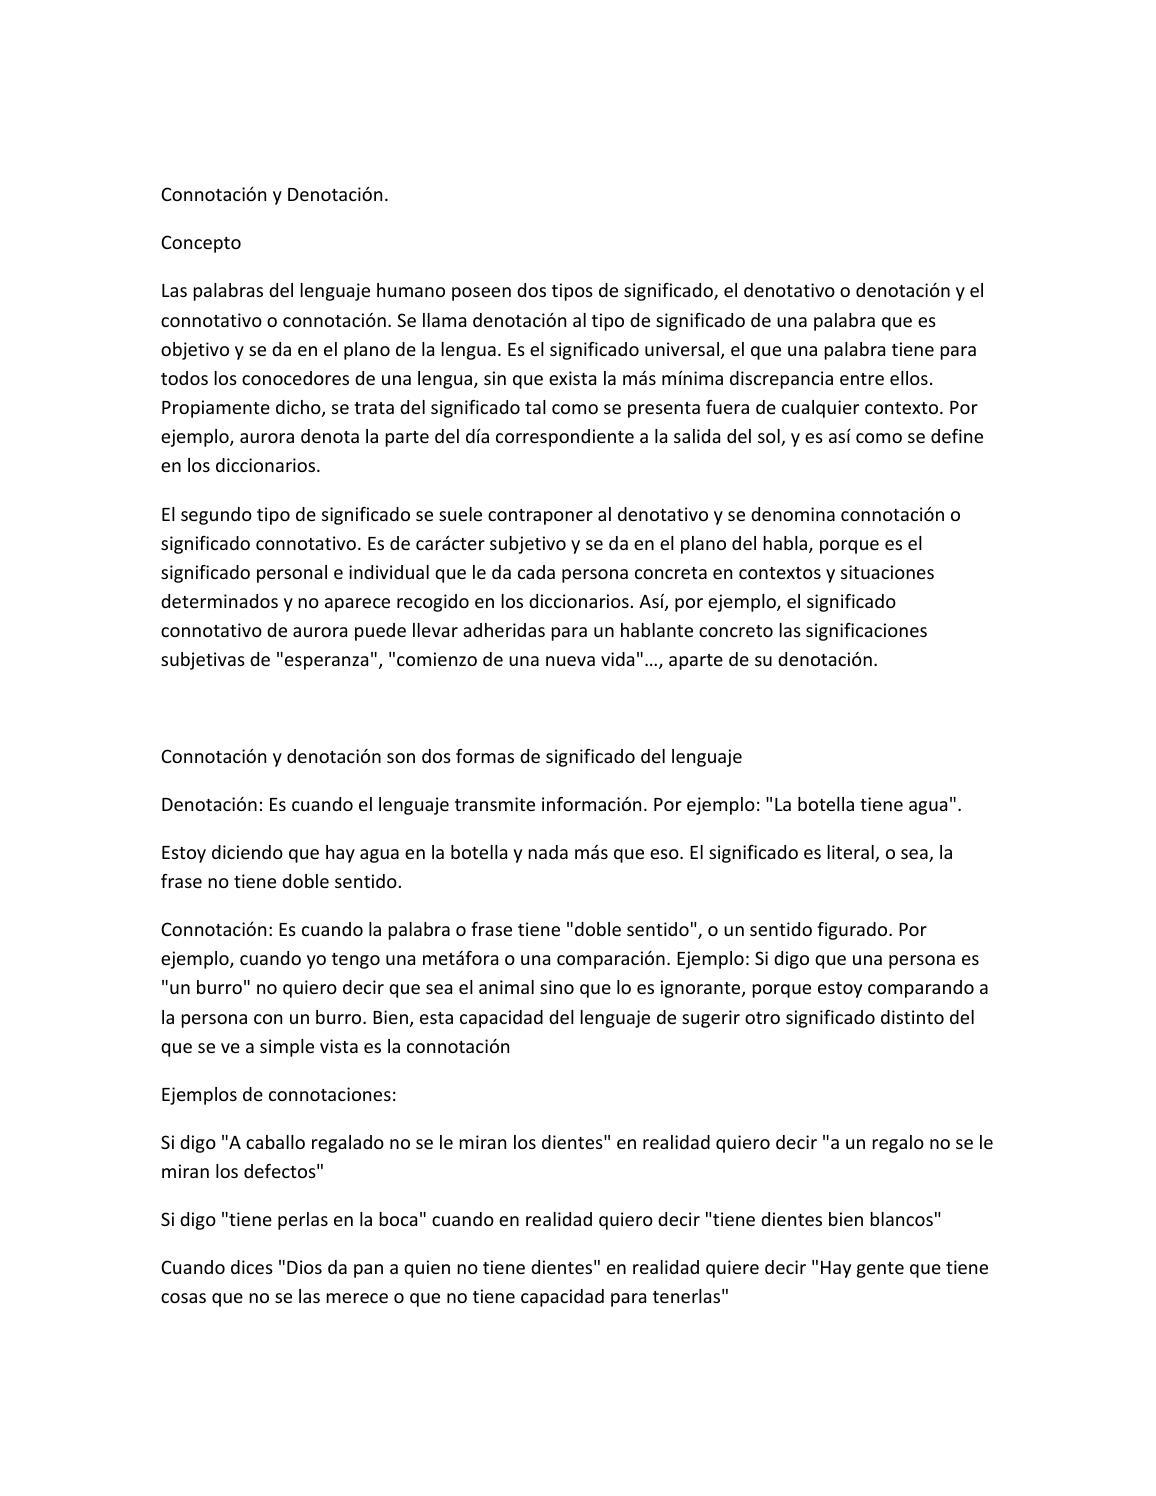 Connotación Y Denotación By Alondra Carreon Issuu